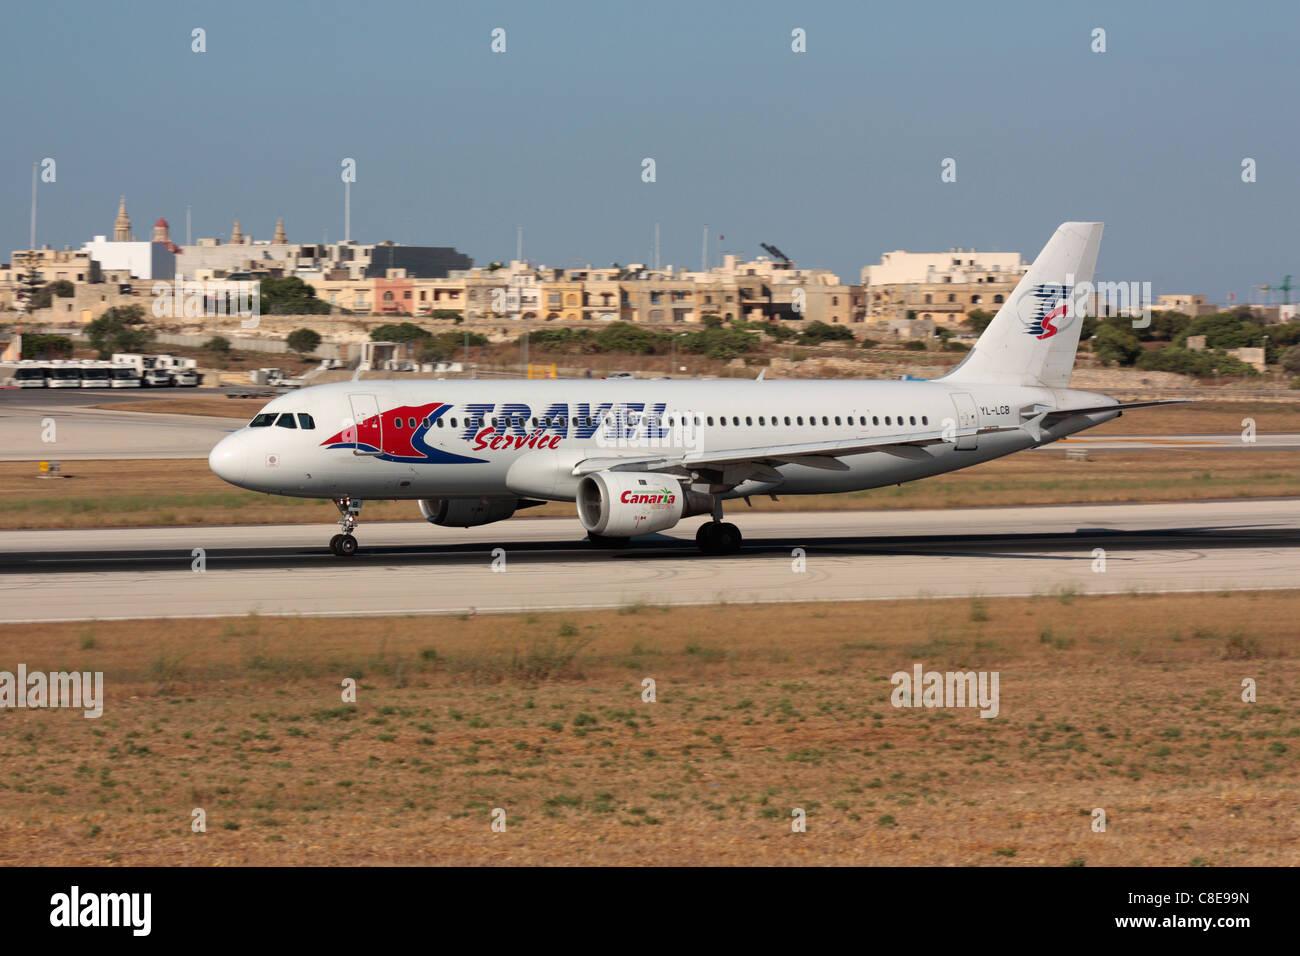 Servizio di viaggio Airbus A320 accelerando sulla pista per la partenza da Malta Immagini Stock